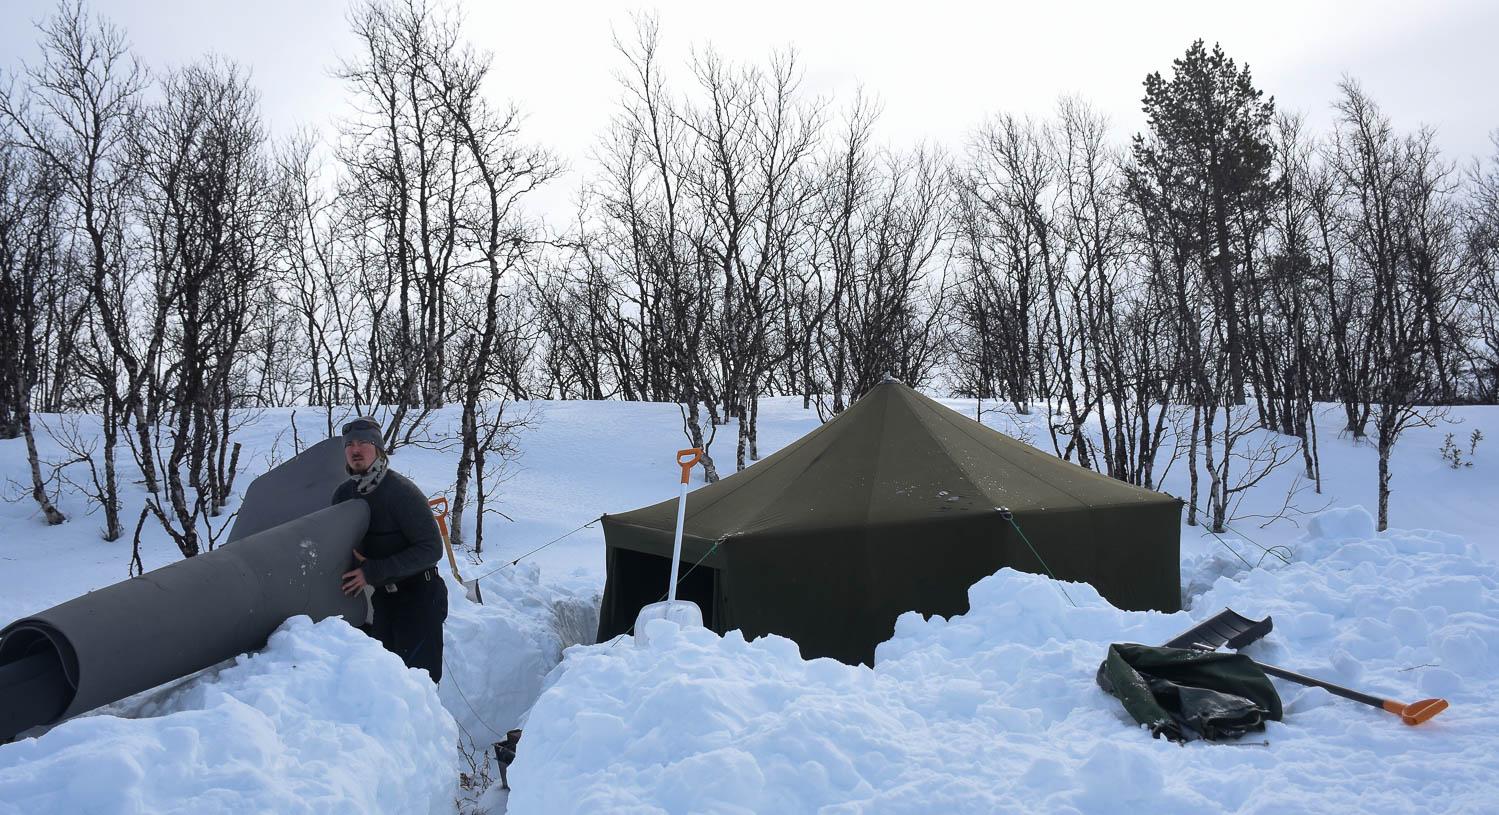 Lumen kaivamisessa menee tovi ennen kuin maata näkyy.